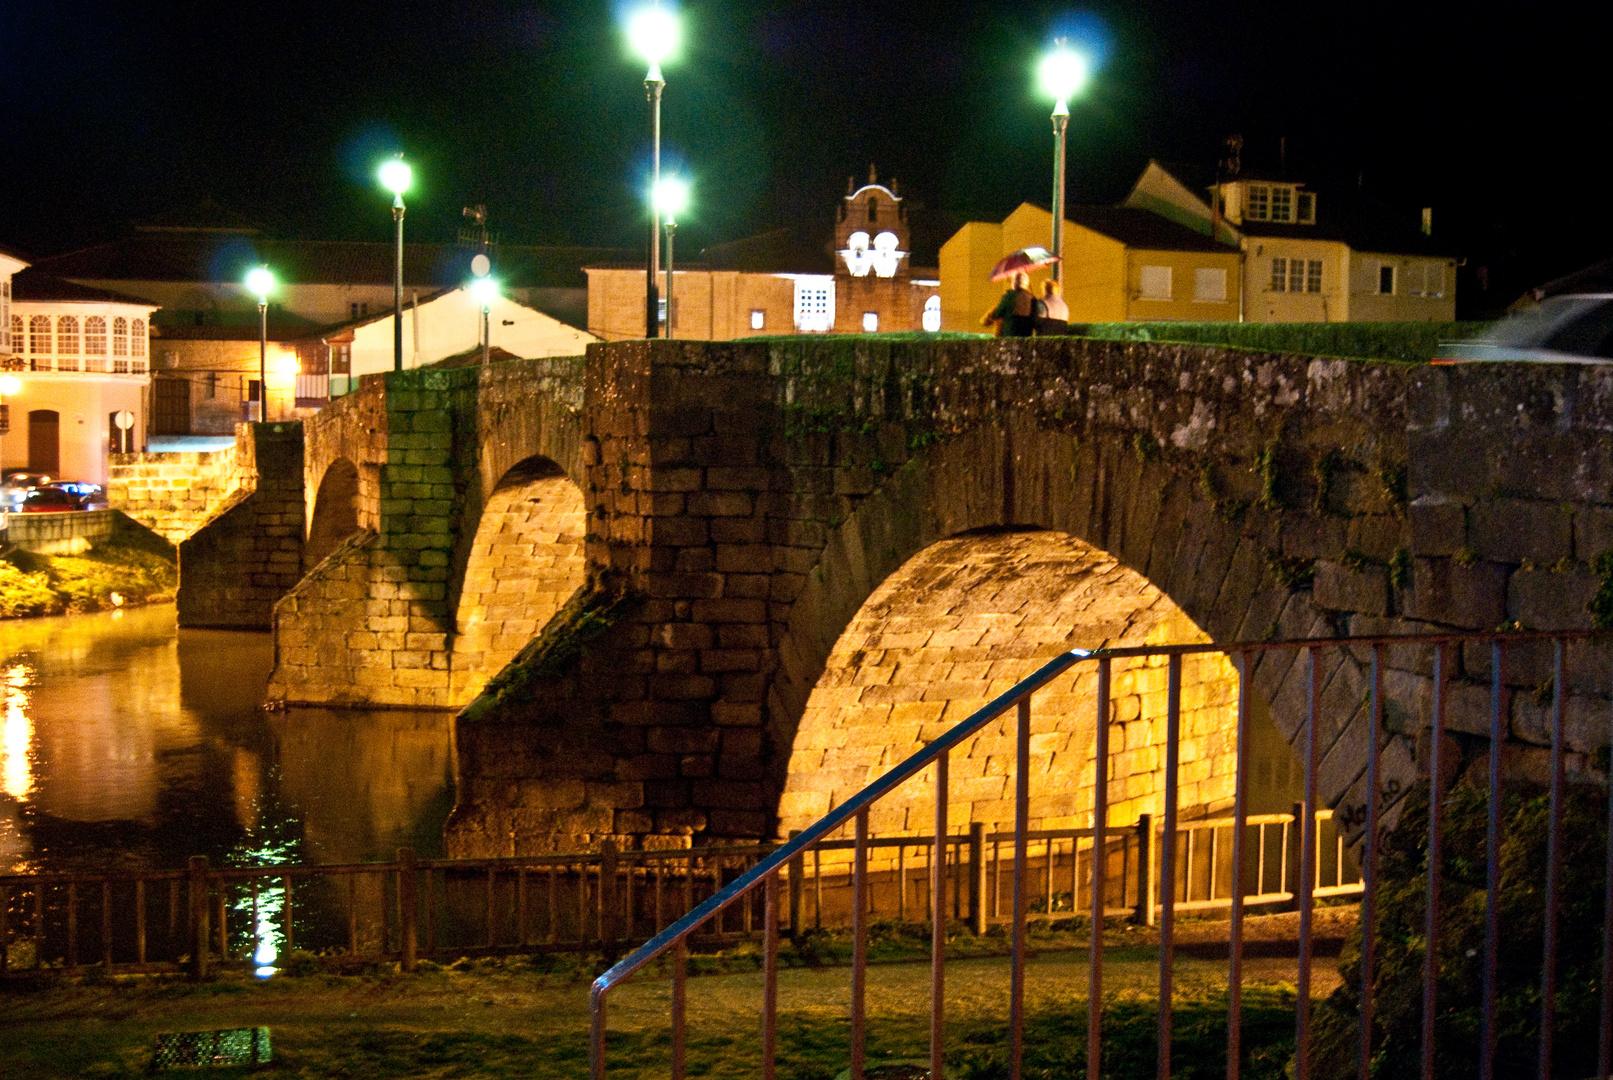 Ponte romana de noite